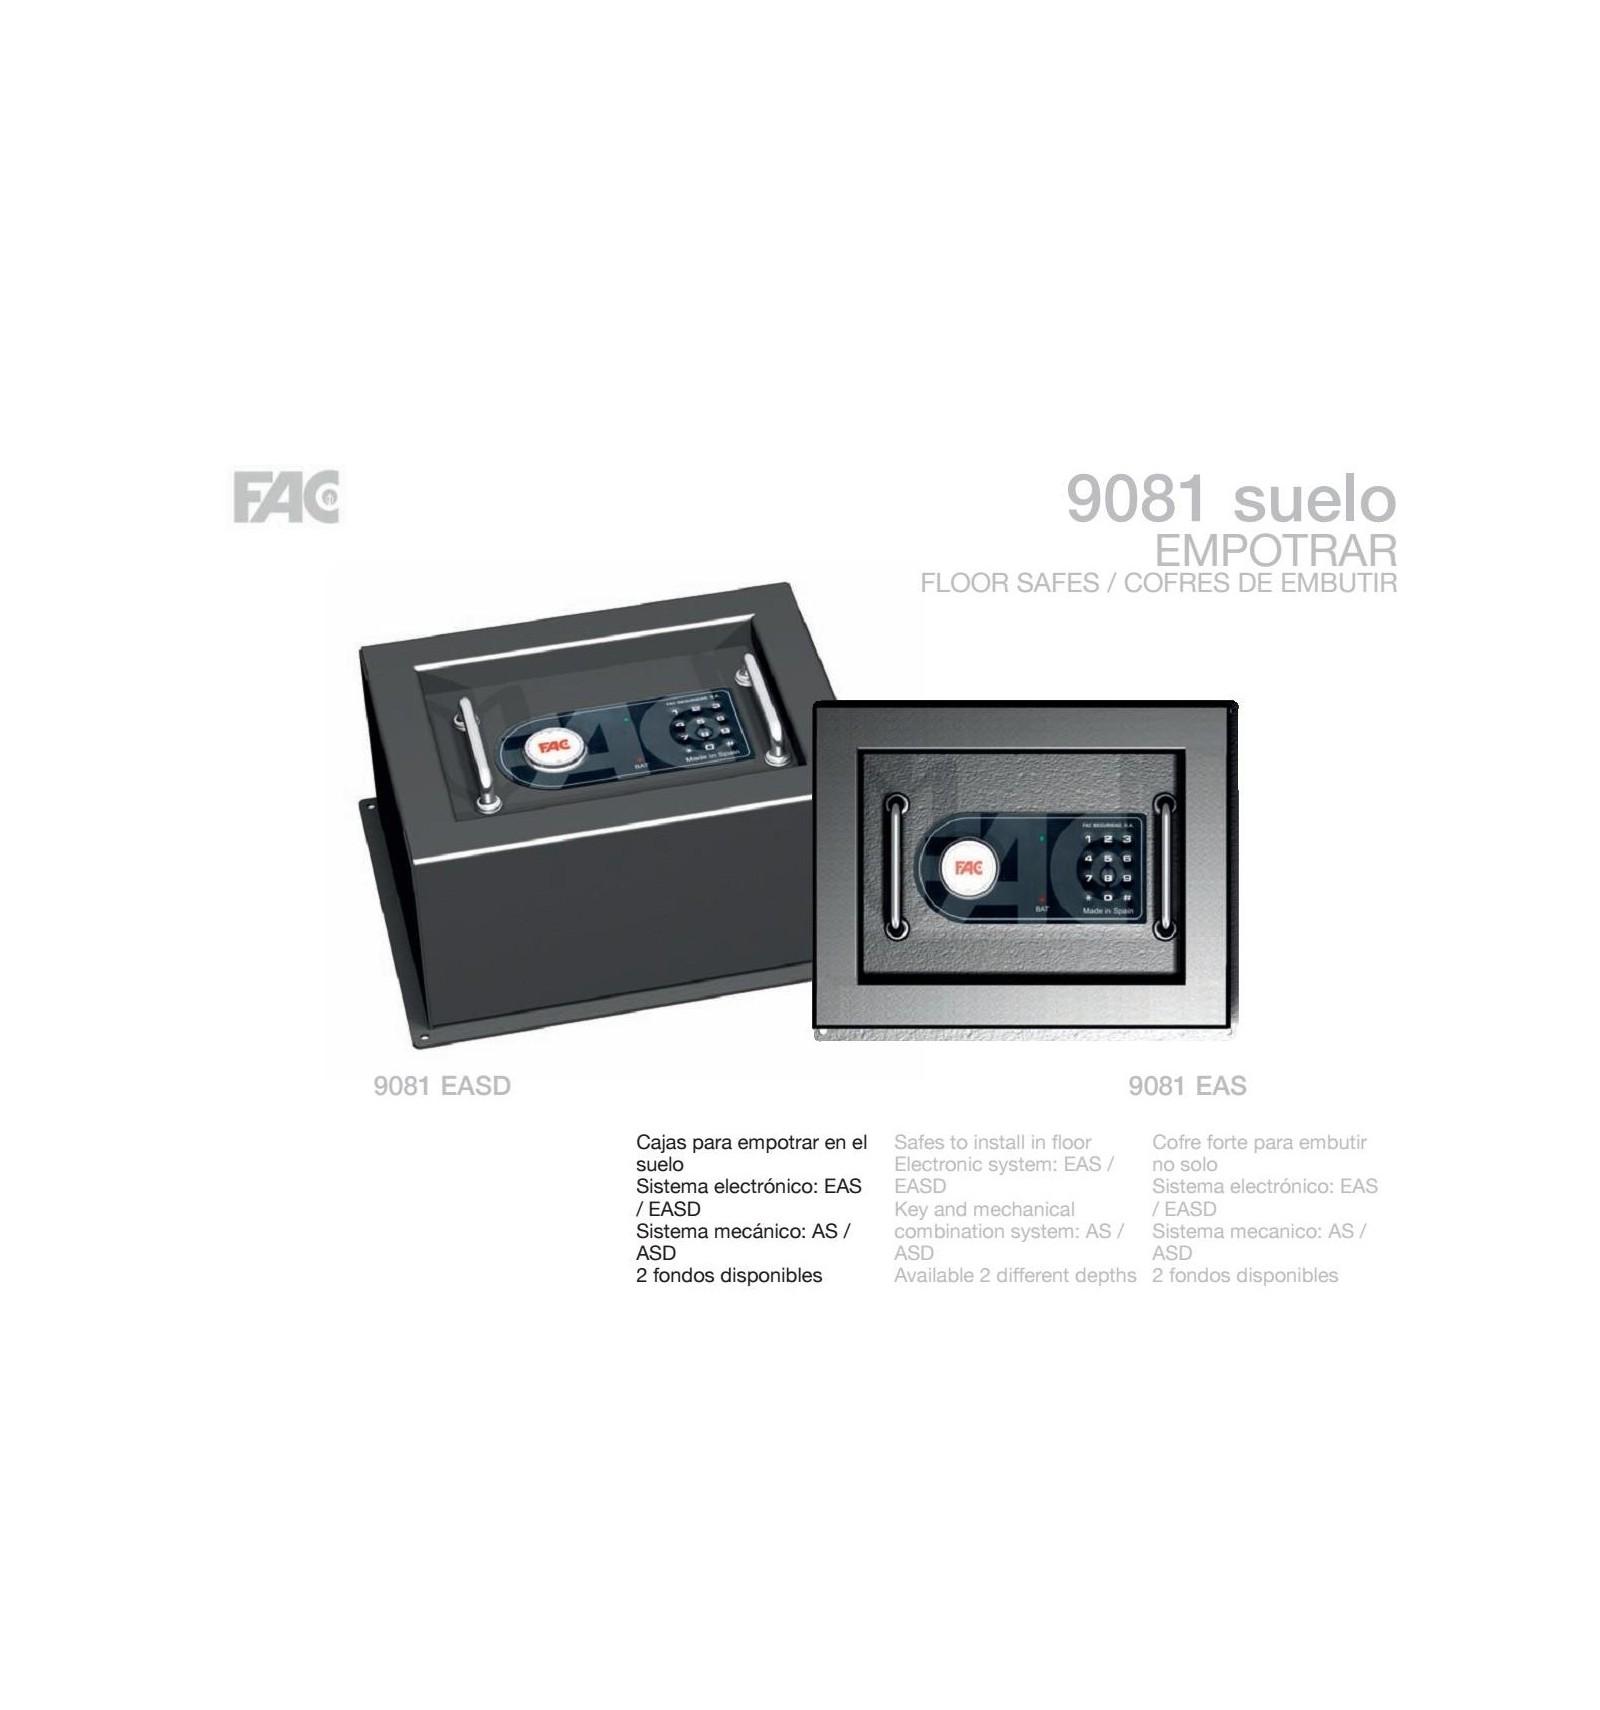 13030 caja fuerte de empotrar electronica 9081 eas www - Caja fuerte electronica ...